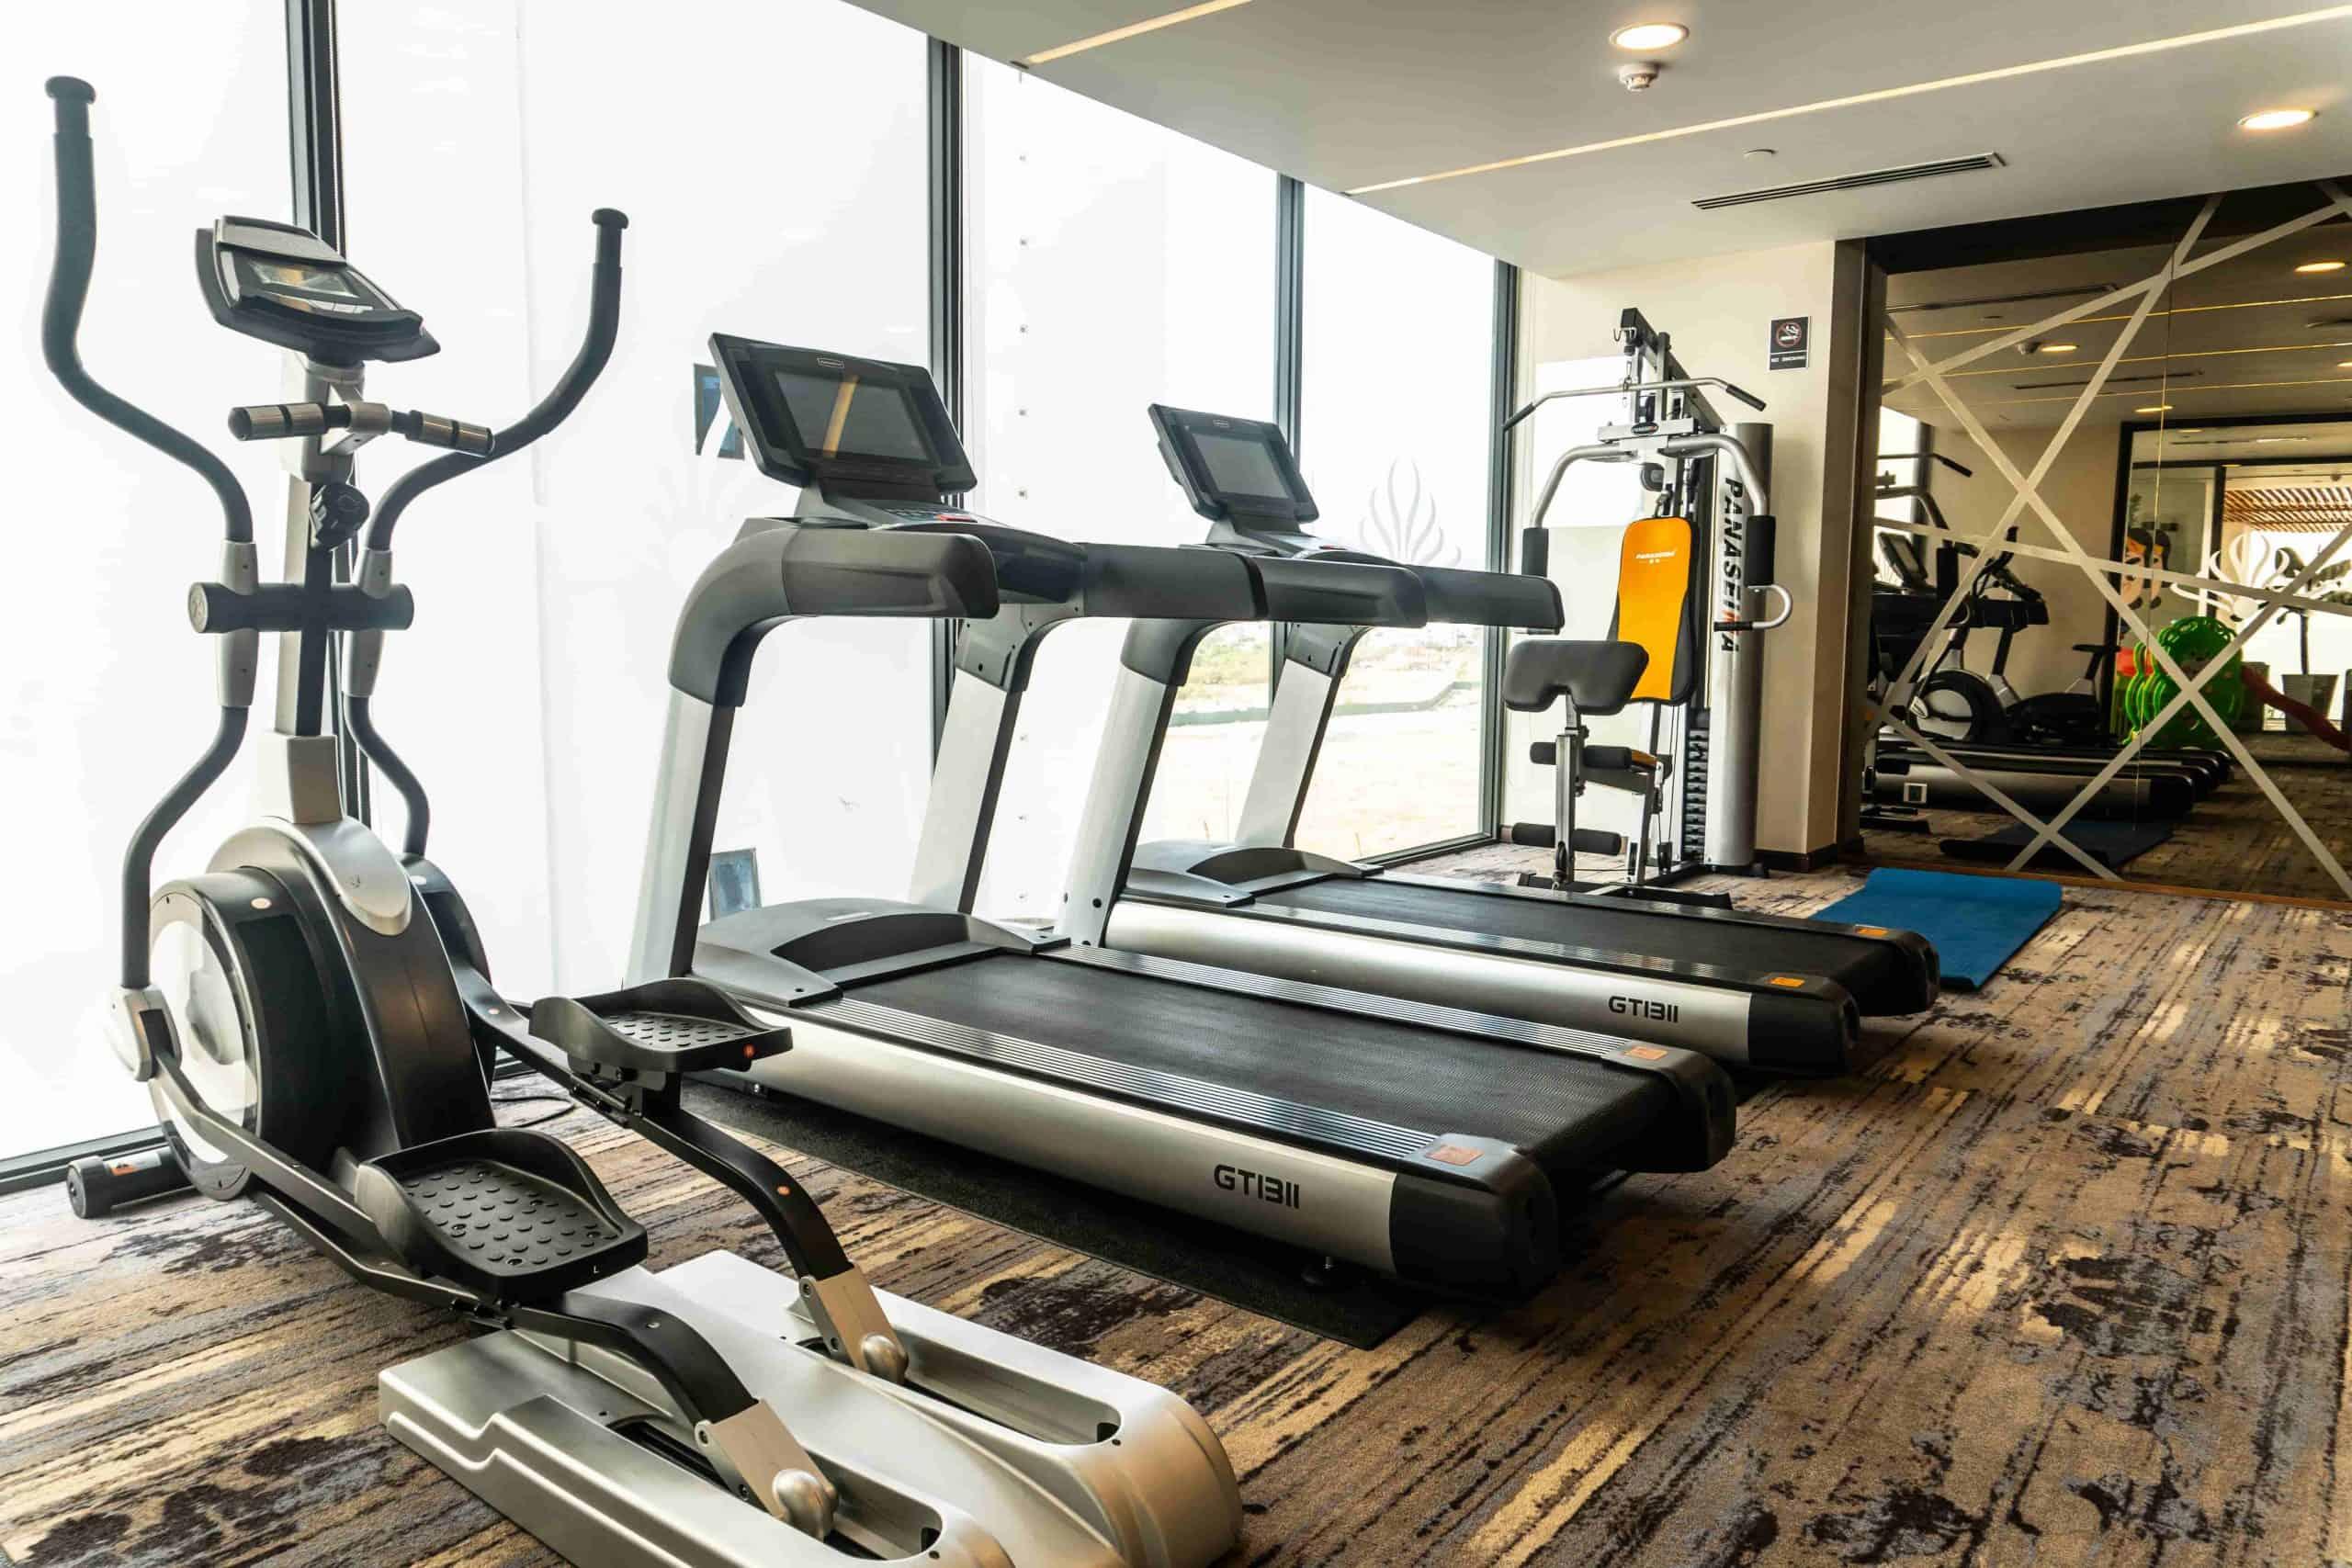 Phòng gym với trang thiết bị hiện đại